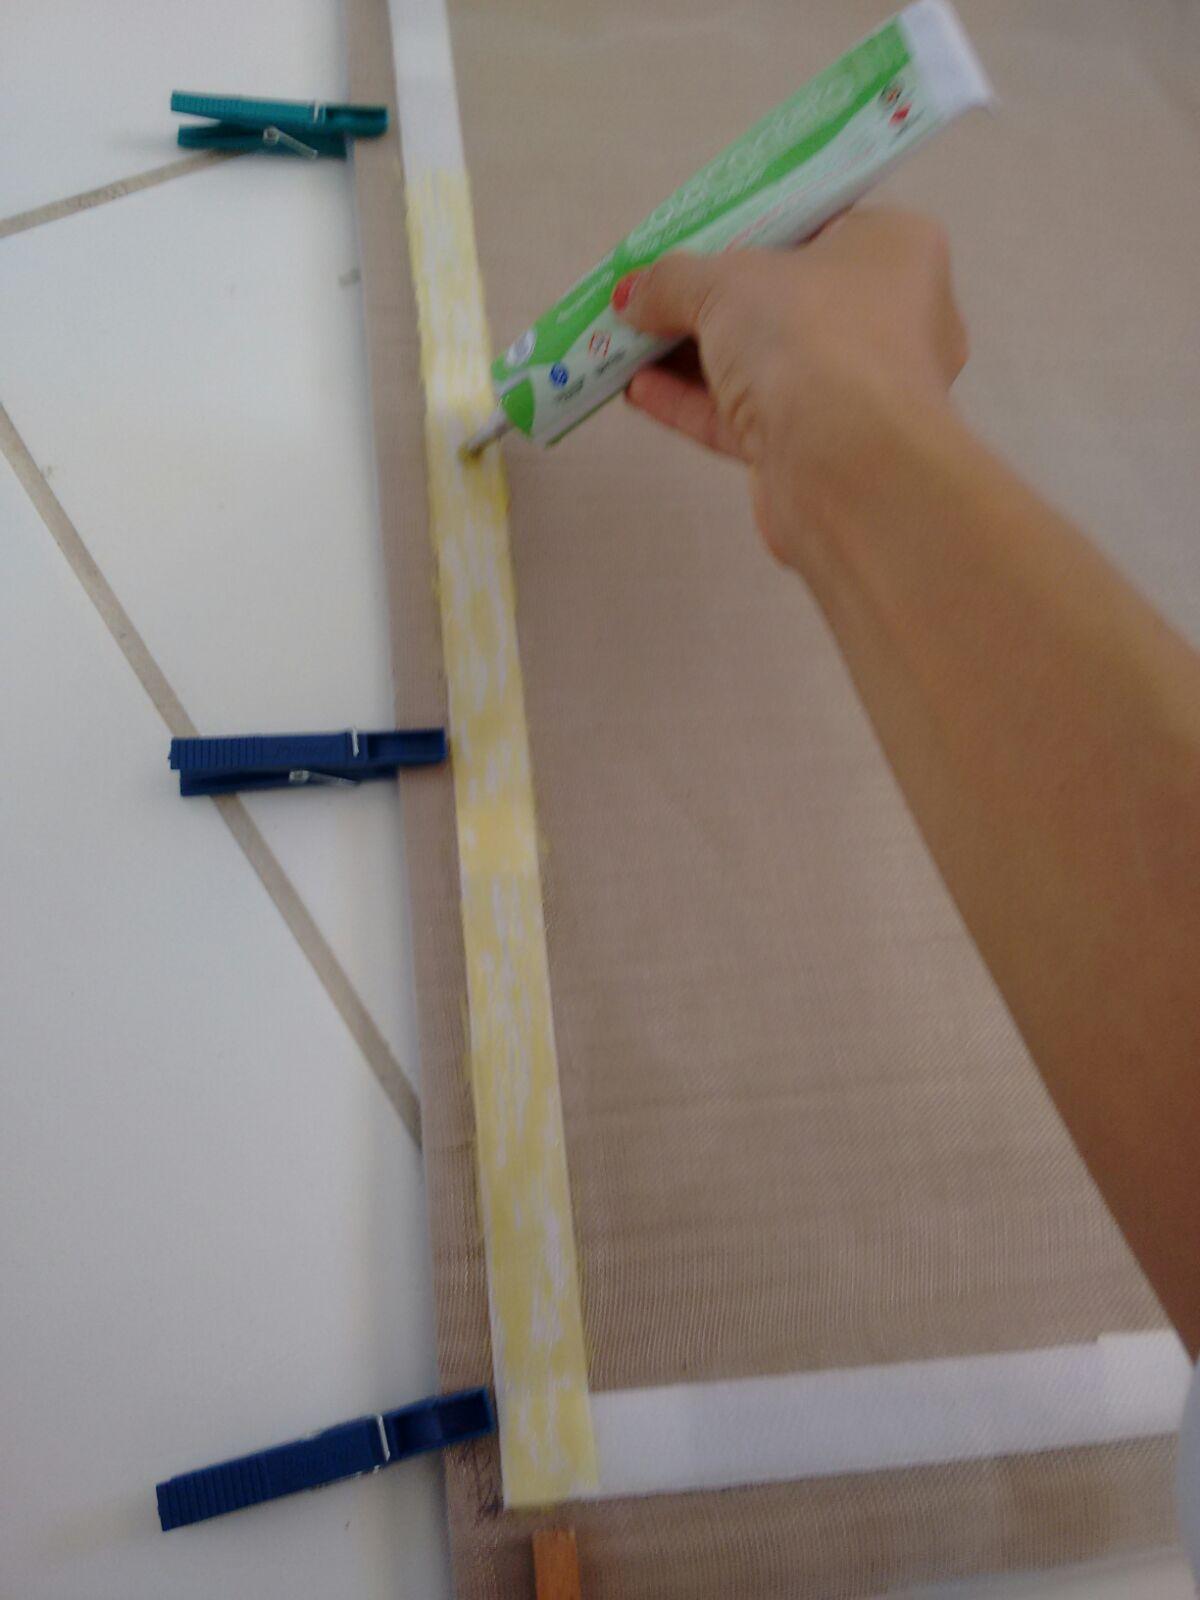 Populares Soluções práticas: Como fazer tela mosquiteiro para janelas com  JV87